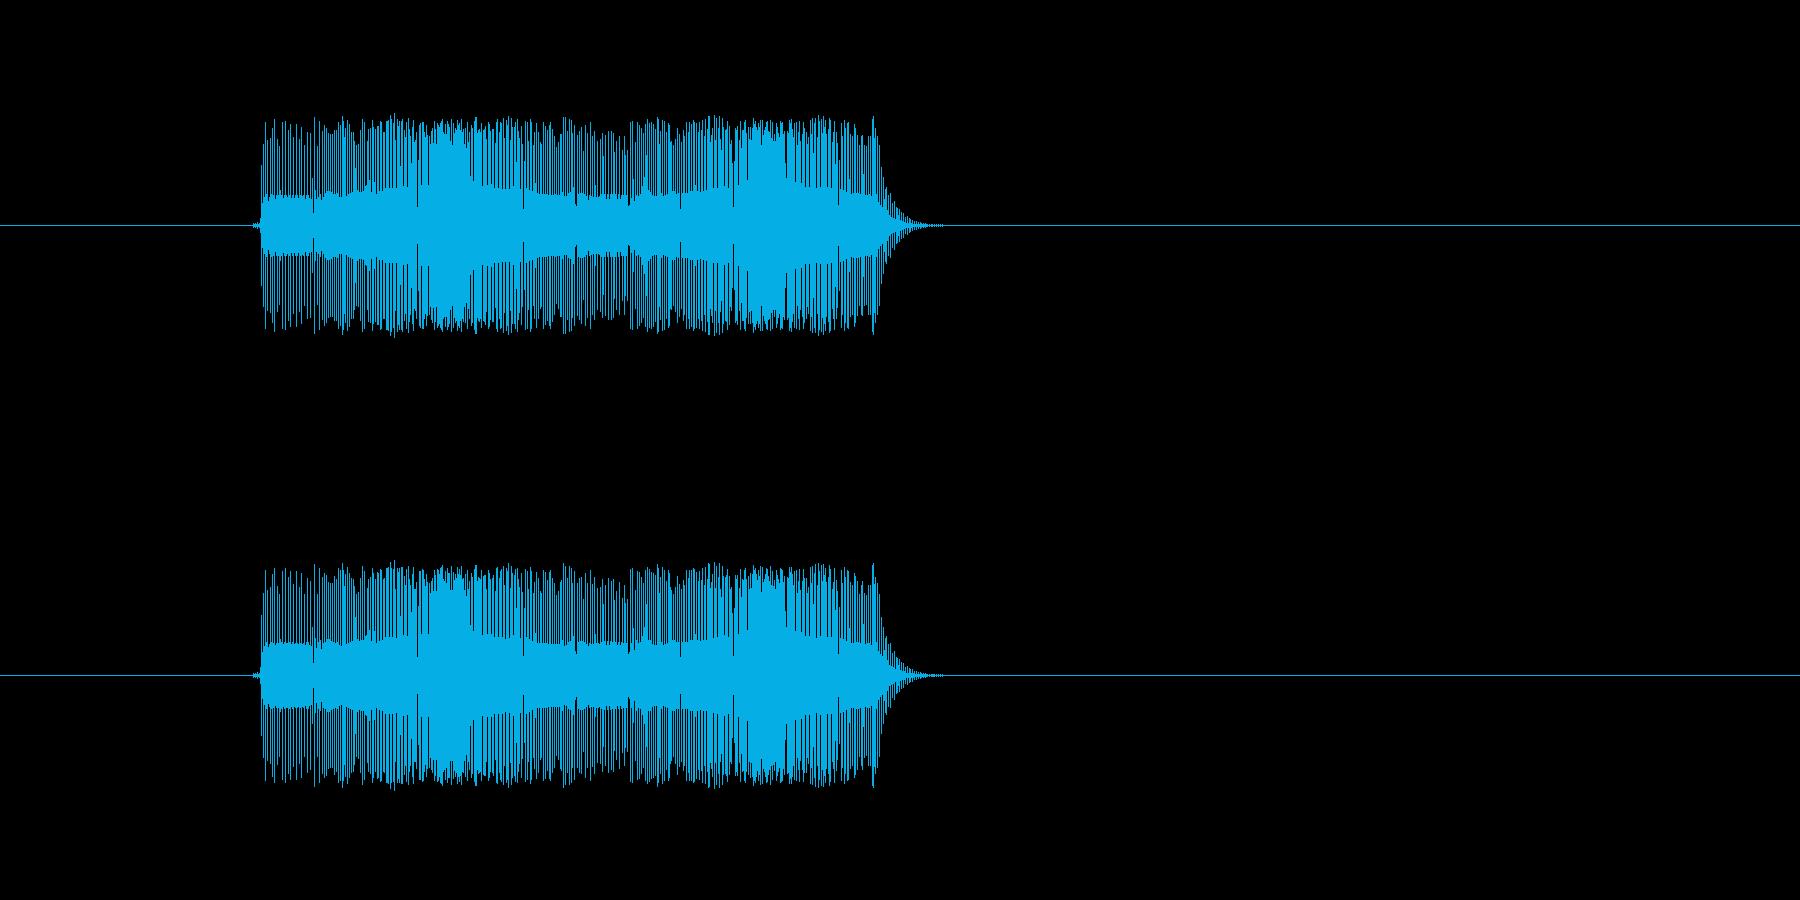 ファンファンファ(宇宙、ファンタジー)の再生済みの波形